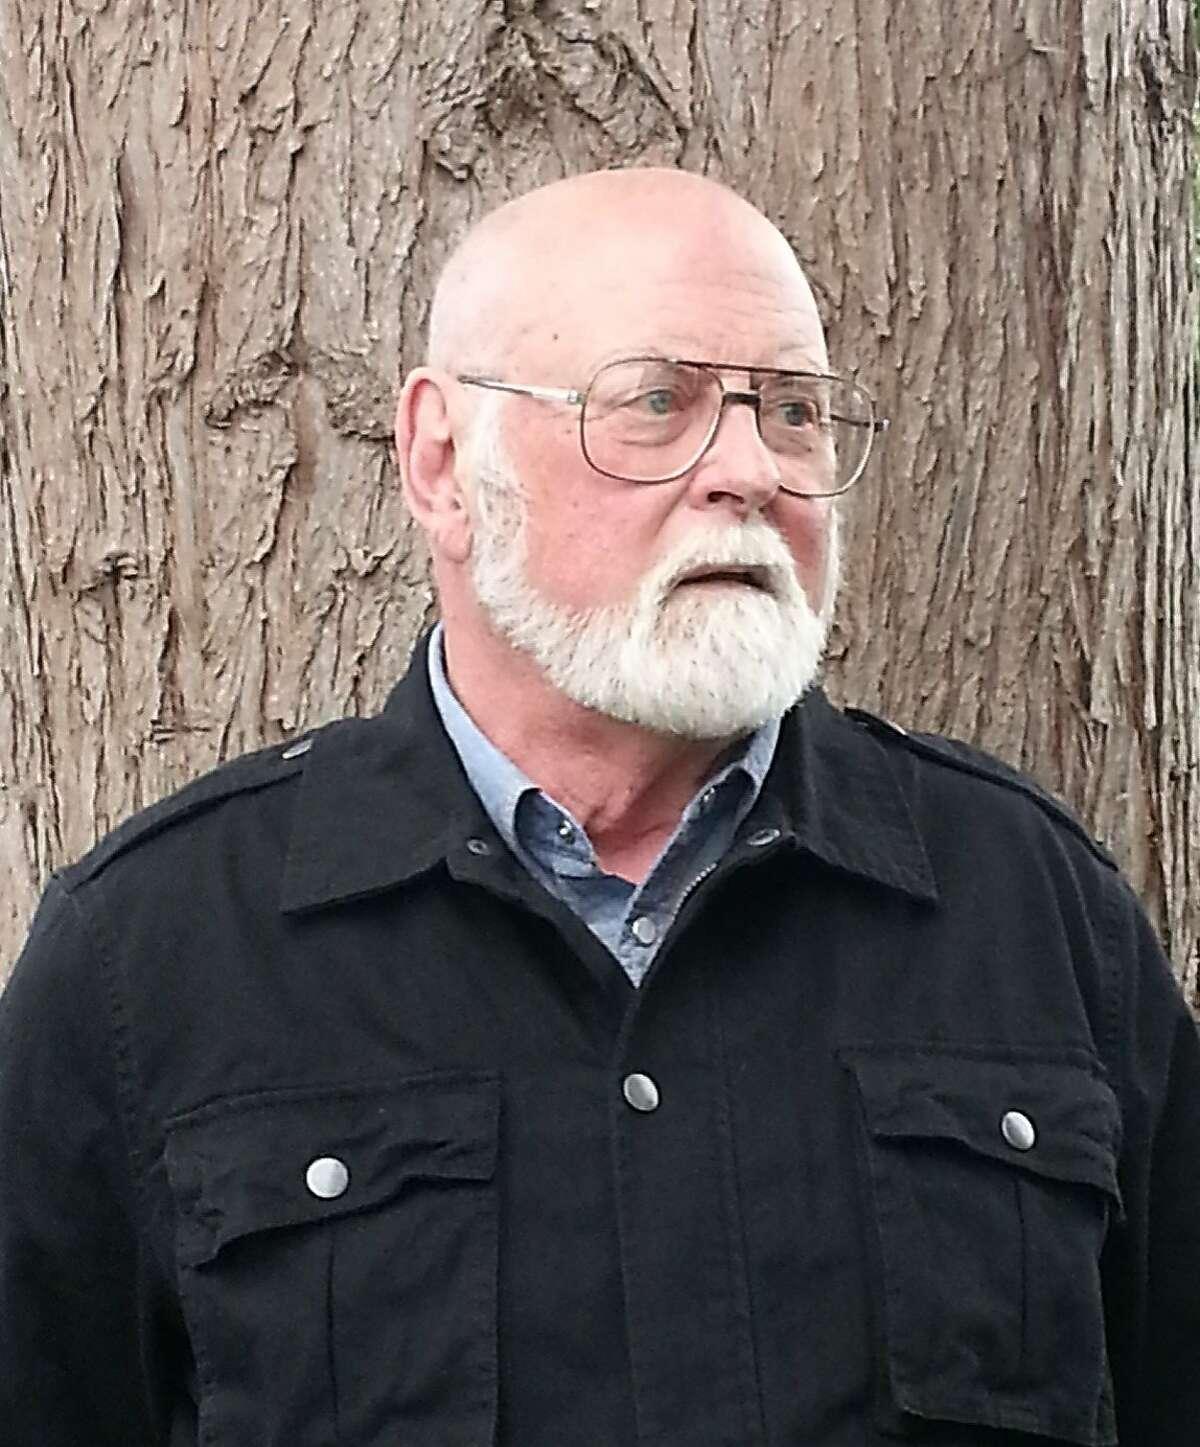 Composer Joseph Byrd